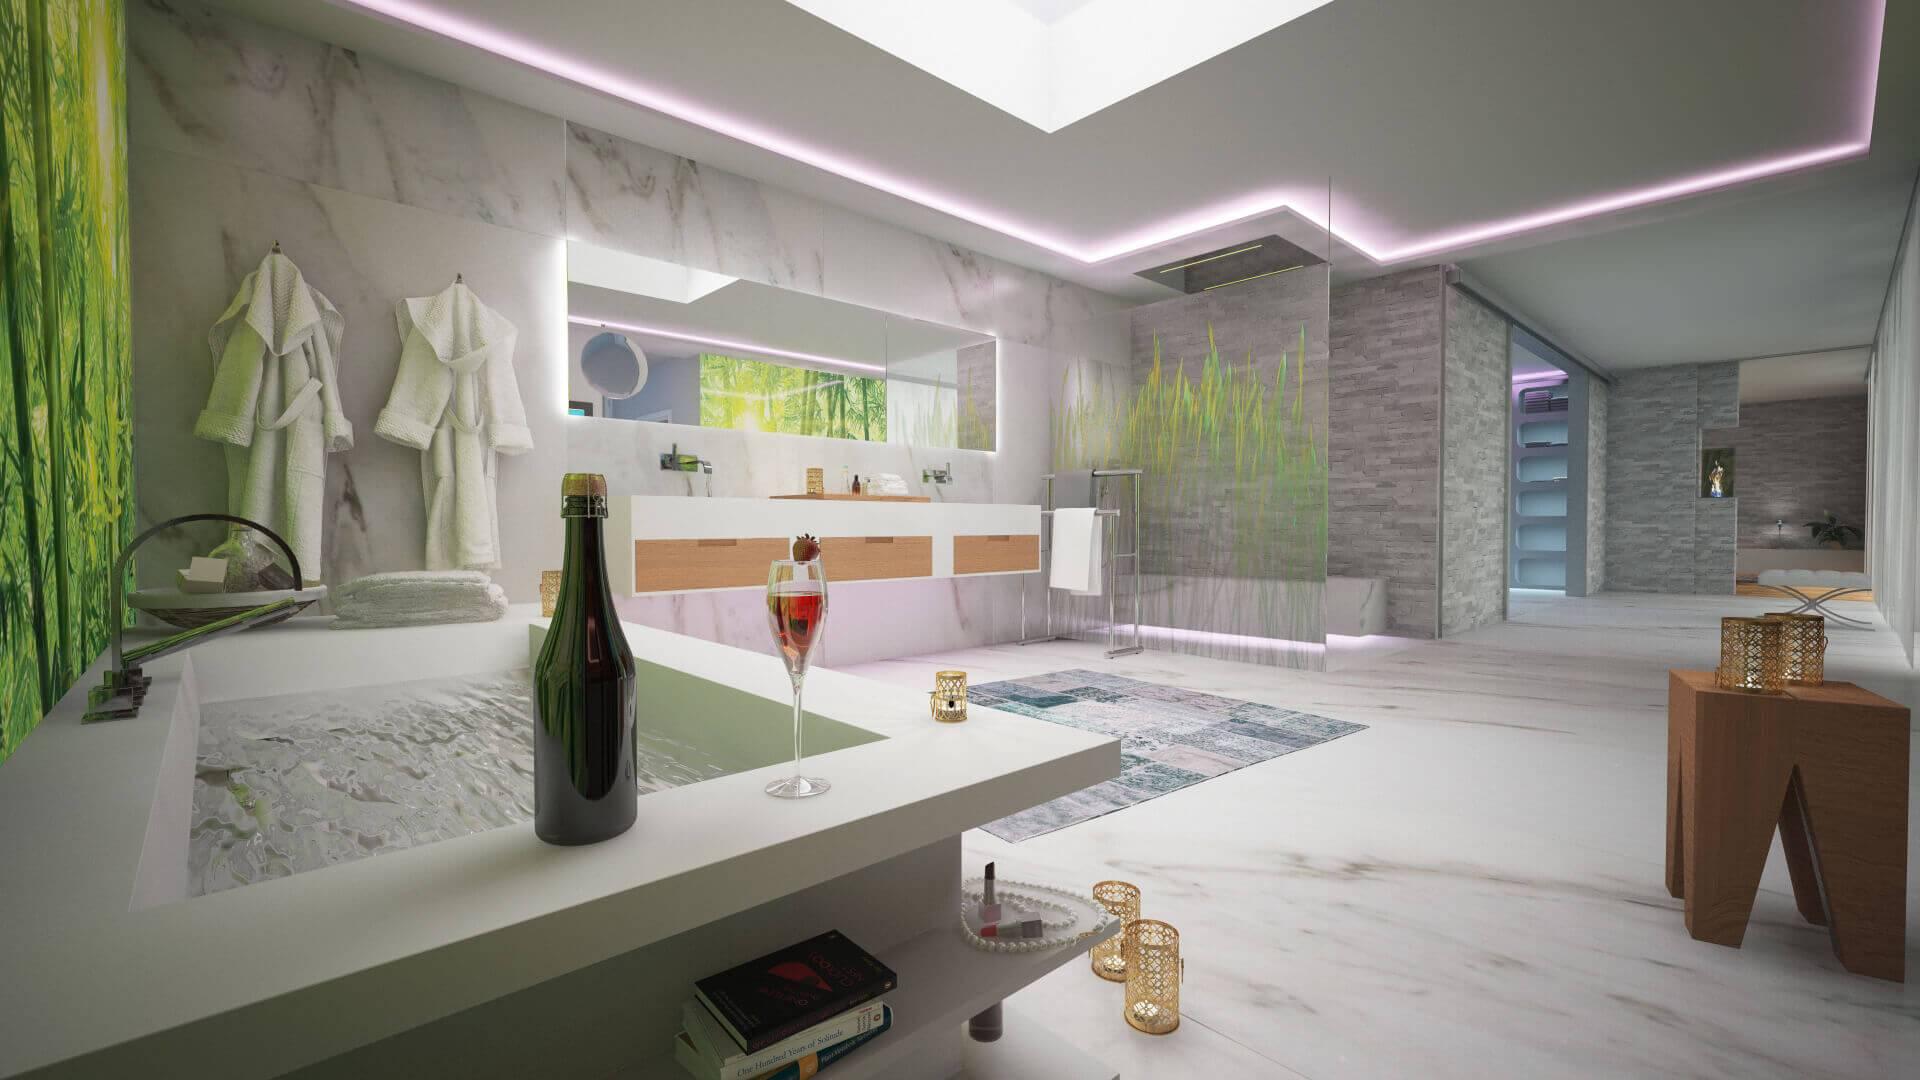 Tapeten Trends 2019 Wohnzimmer